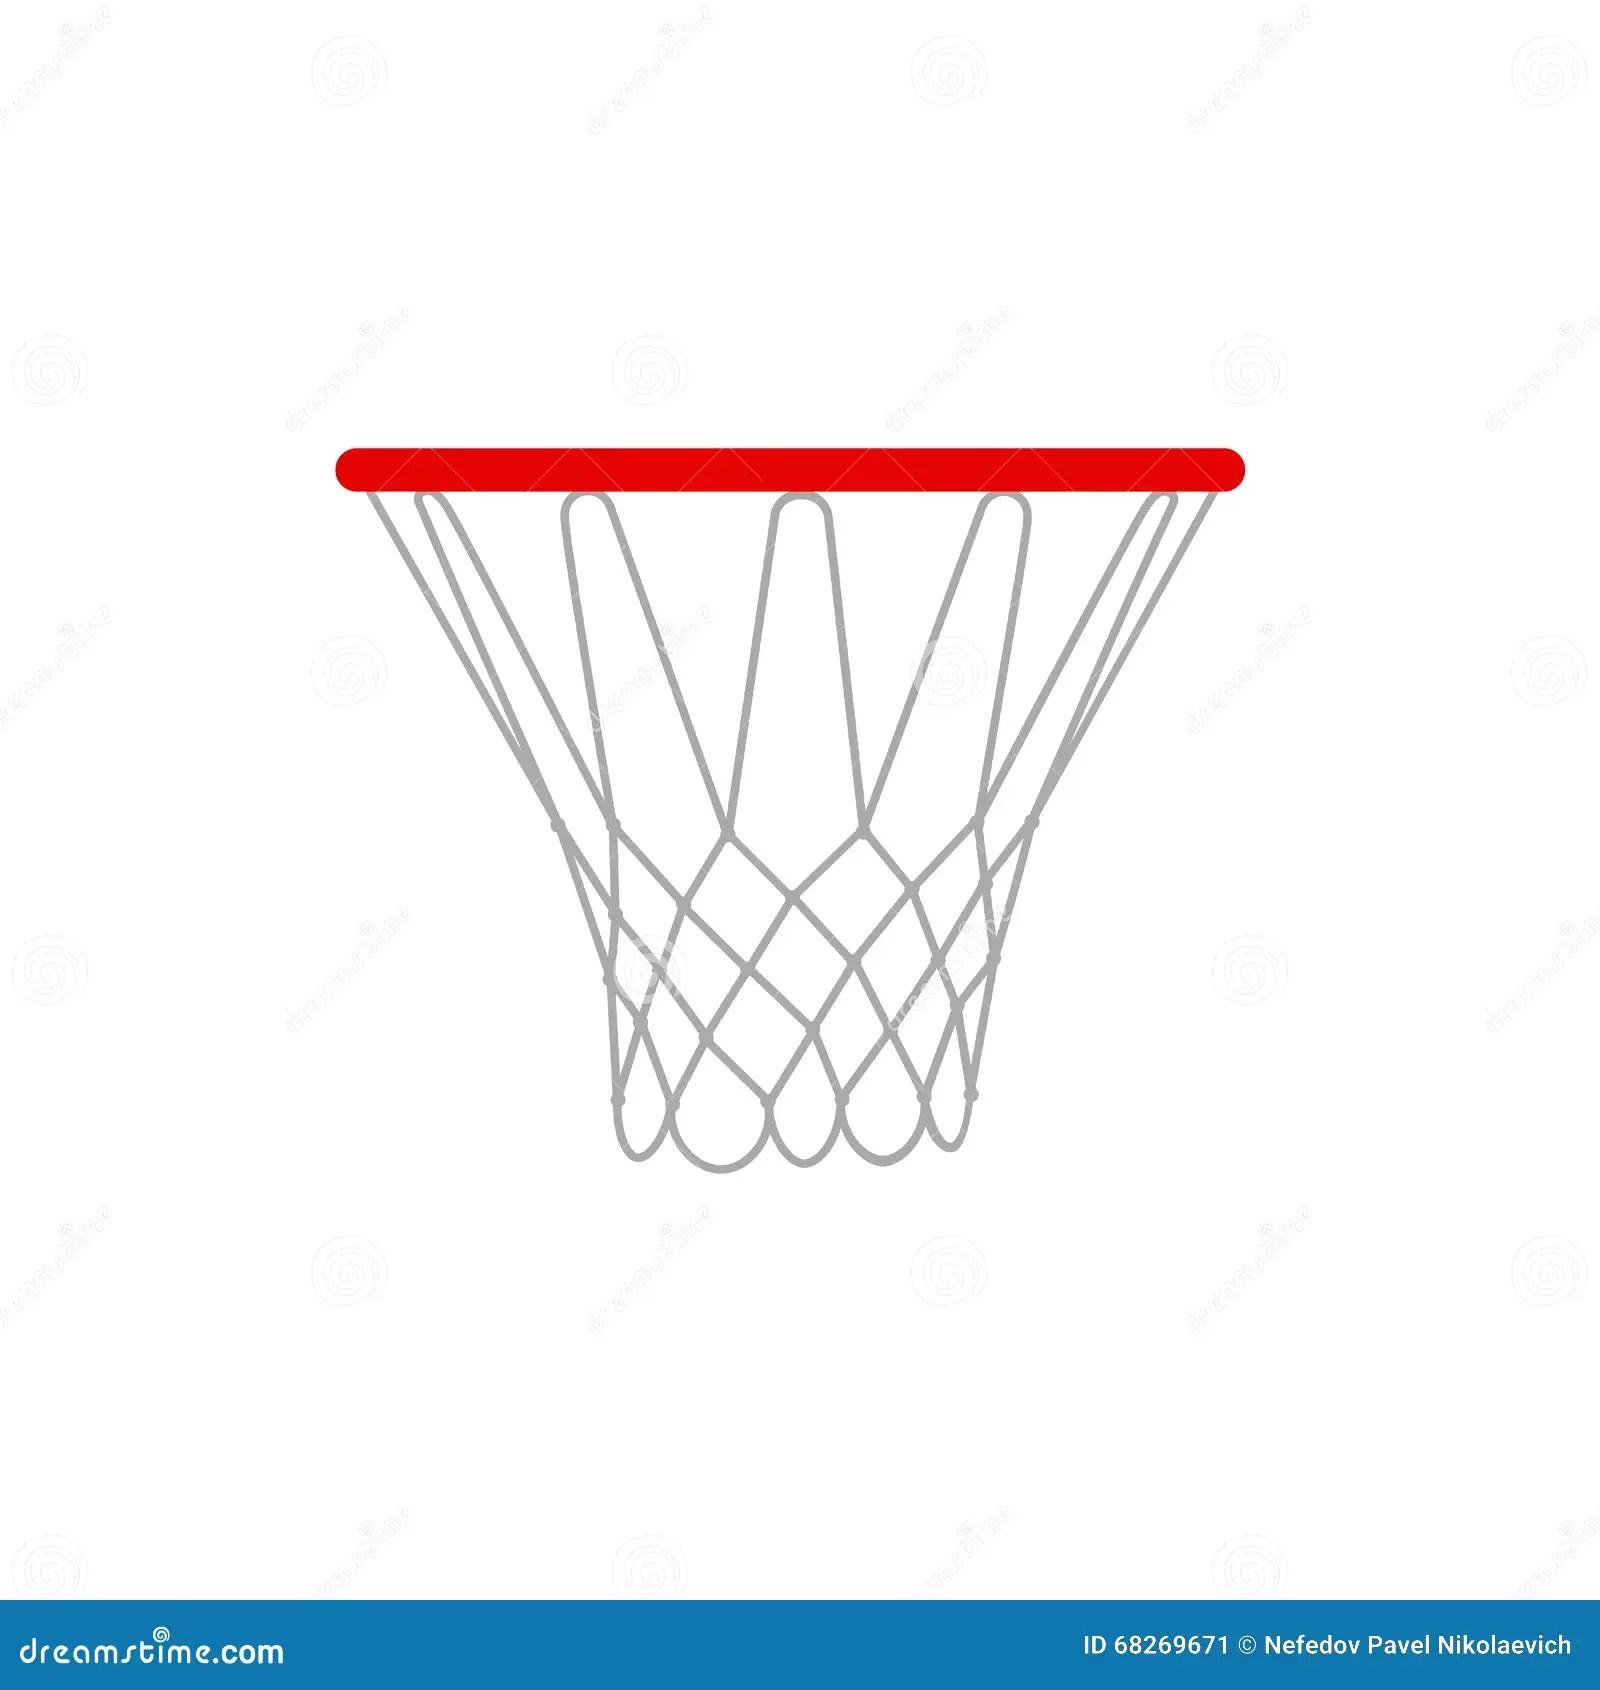 Basketball Hoop Isolated Stock Photography